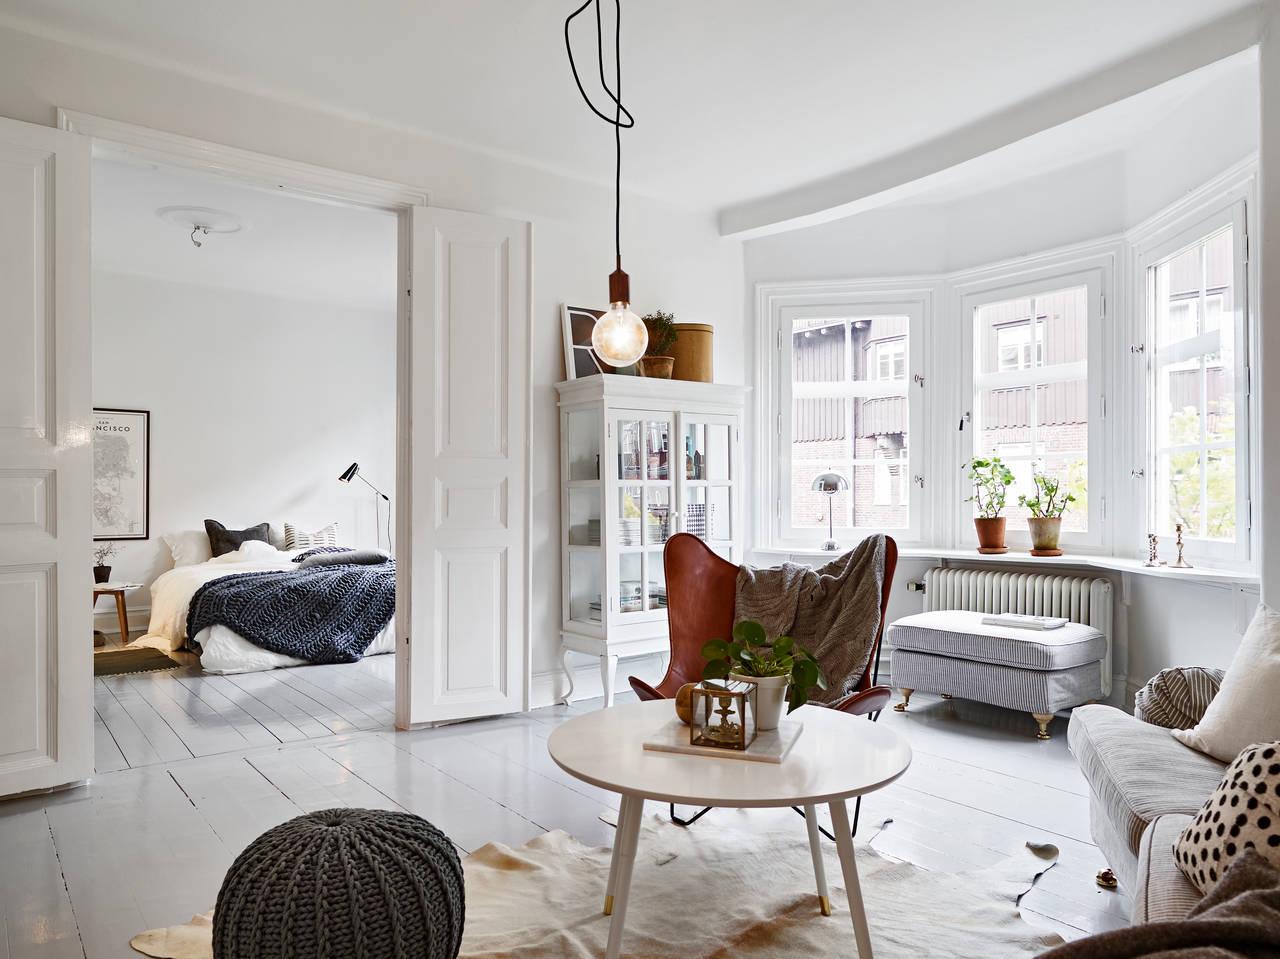 Обстановка однокомнатной квартиры с эркером